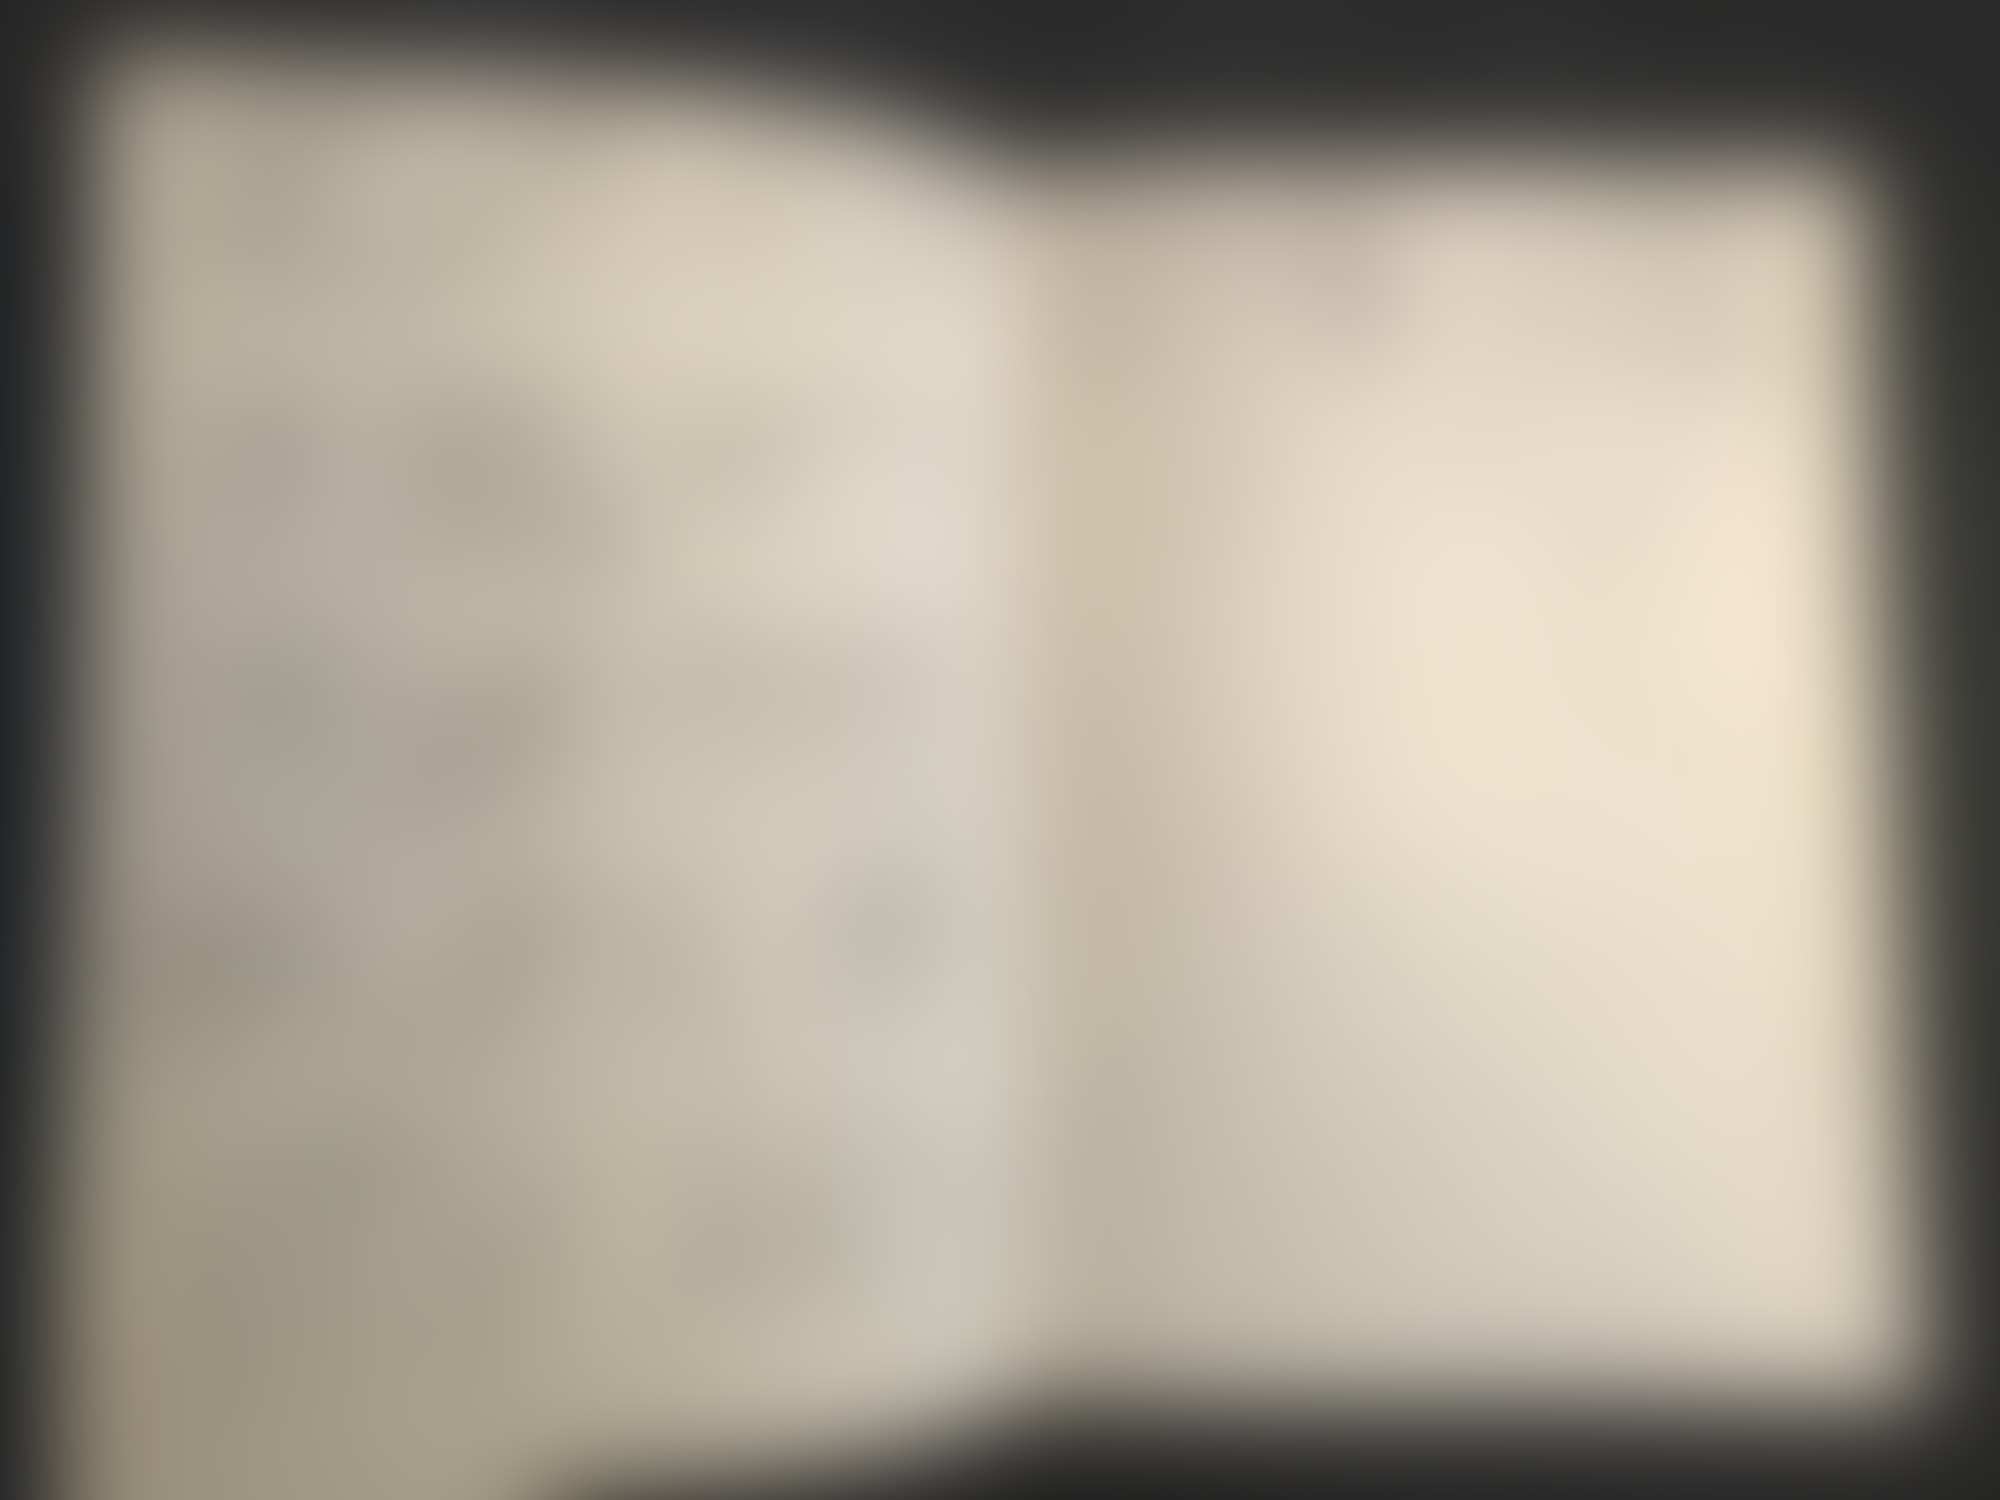 Bob SKETCHES dragged 13 autocompressfitresizeixlibphp 1 1 0max h2000max w3 D2000q80s221ba0b01c0c178f4f08991de6c6e7b8